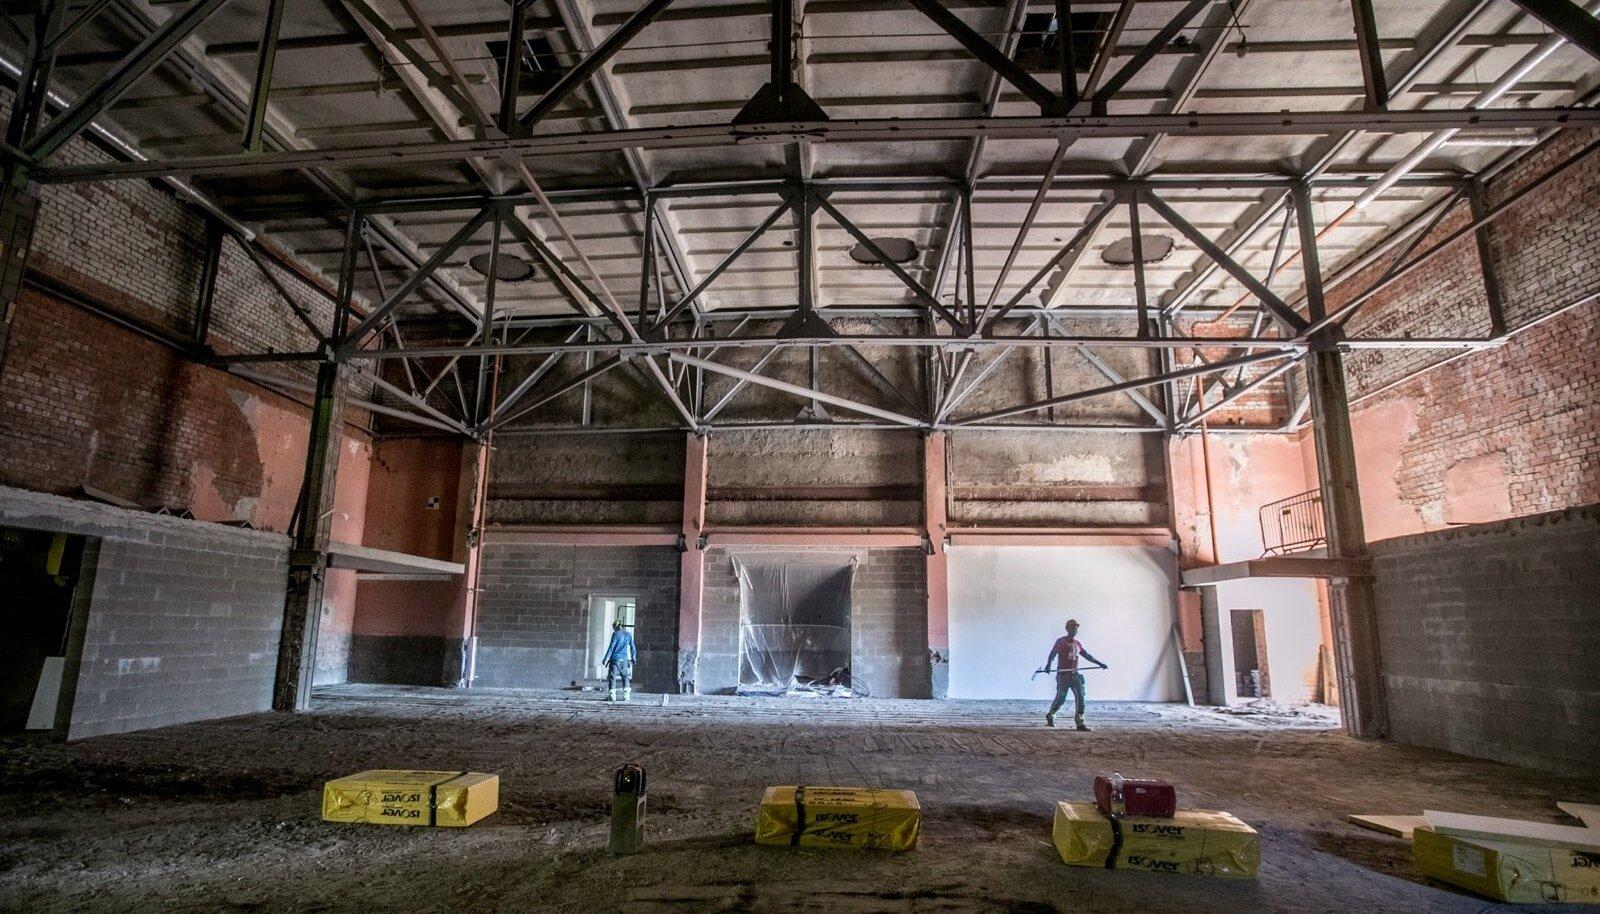 Tehases oligi millegipärast varem suur teatrisaal, kus tehasetöötajatele on käinud esinemas näiteks Vene poplaulja Alla Pugatšova. Siia tuleb black-box-tüüpi peasaal, mis tähendab, et seda peab saama kiiresti järgmise lavastuse või kontserdi jaoks ümber muuta. Tribüünidele tuleb 220 istekohta, aga kui need kokku lükata, võiks kontserdile seisma mahtuda ka 500 kuulajat.